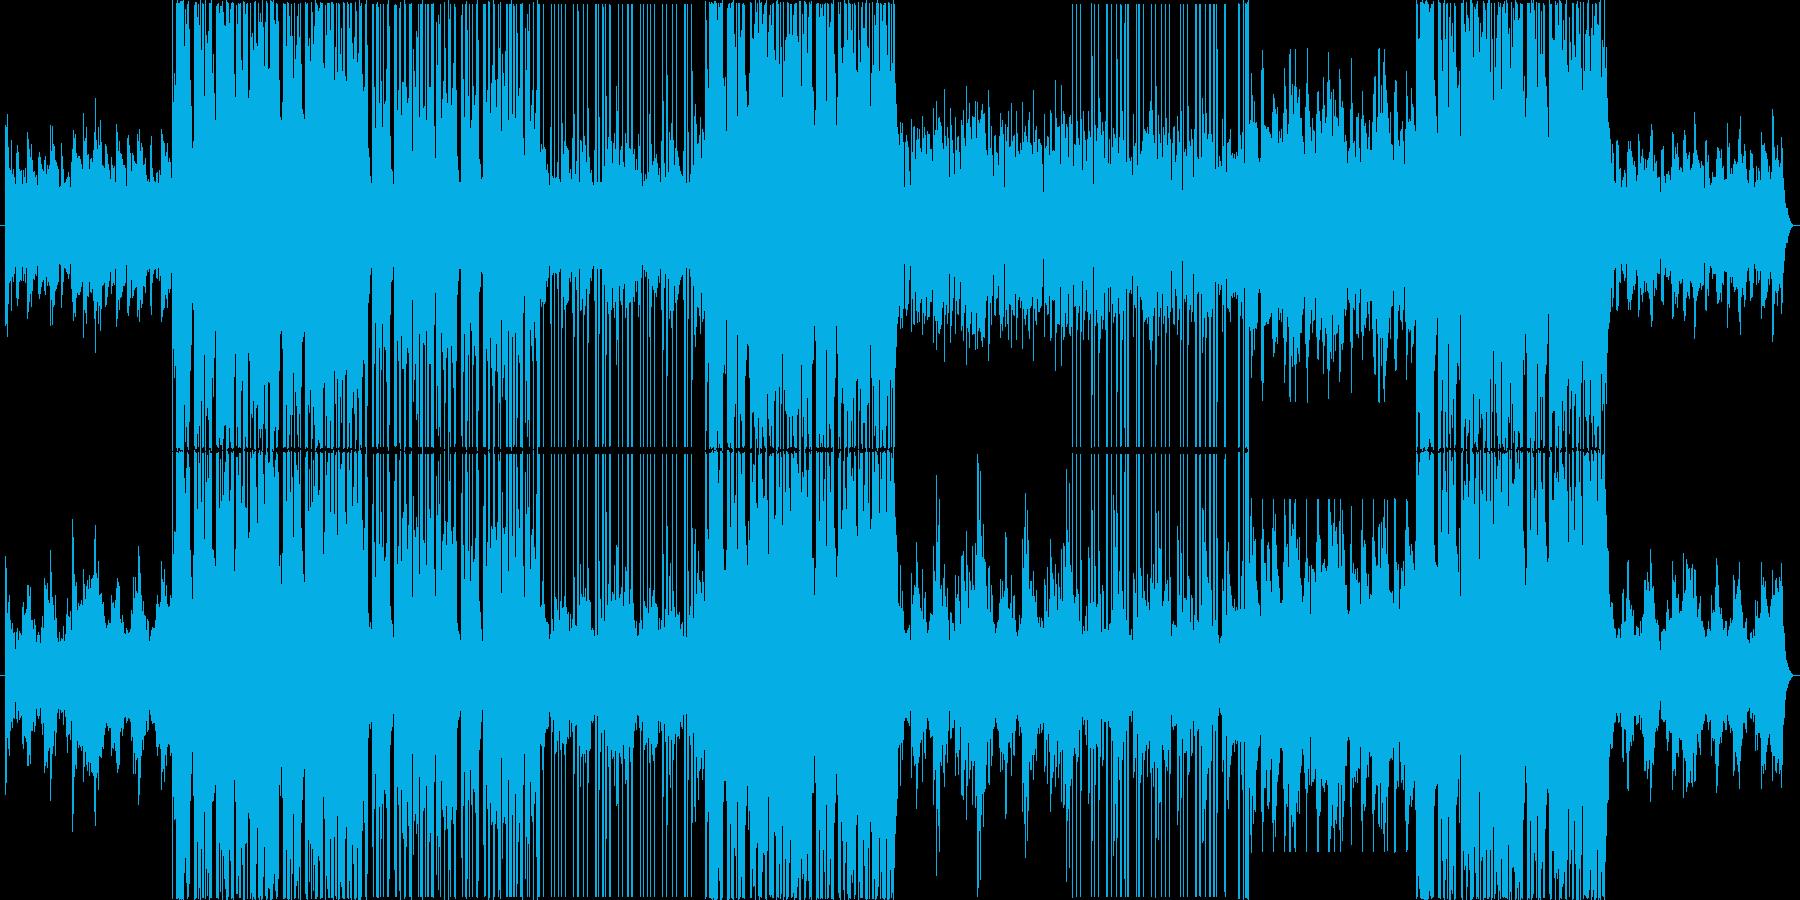 モダンな洋楽風 Trap Popの再生済みの波形